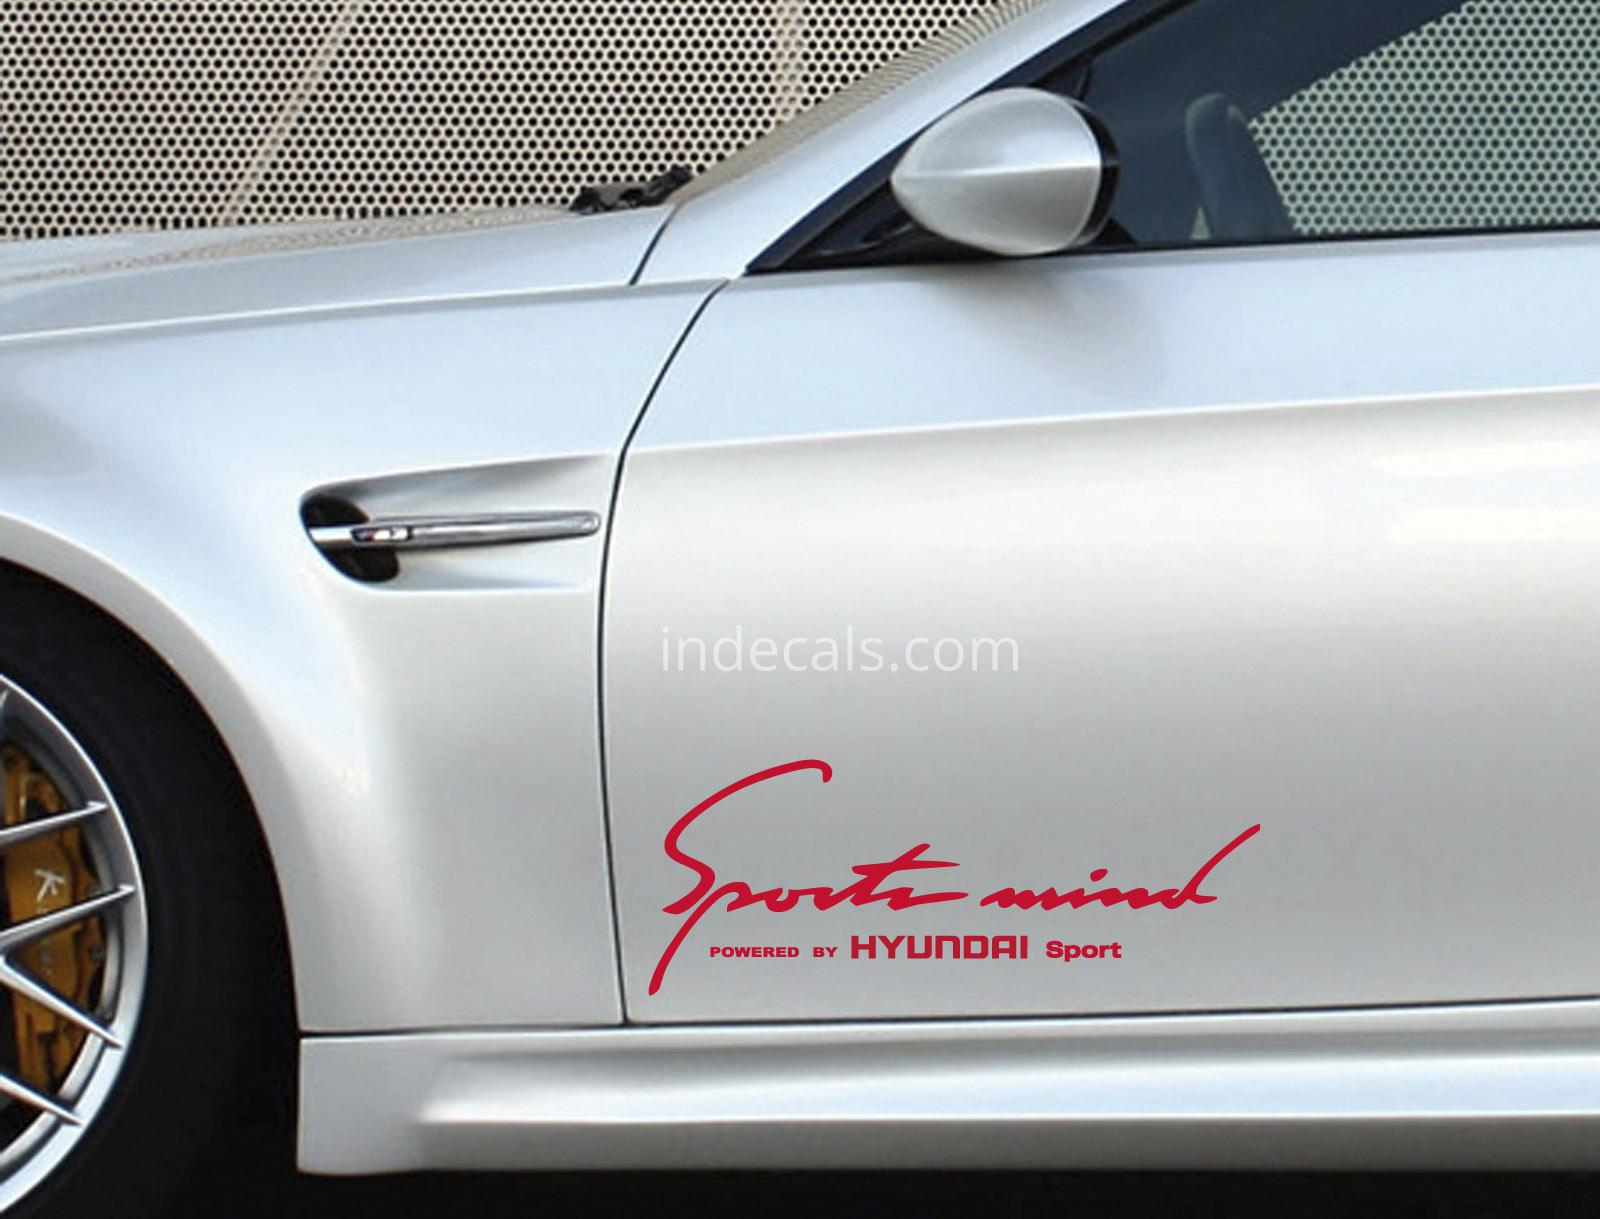 6 X Hyundai Stickers For Door Handles Red Indecals Com